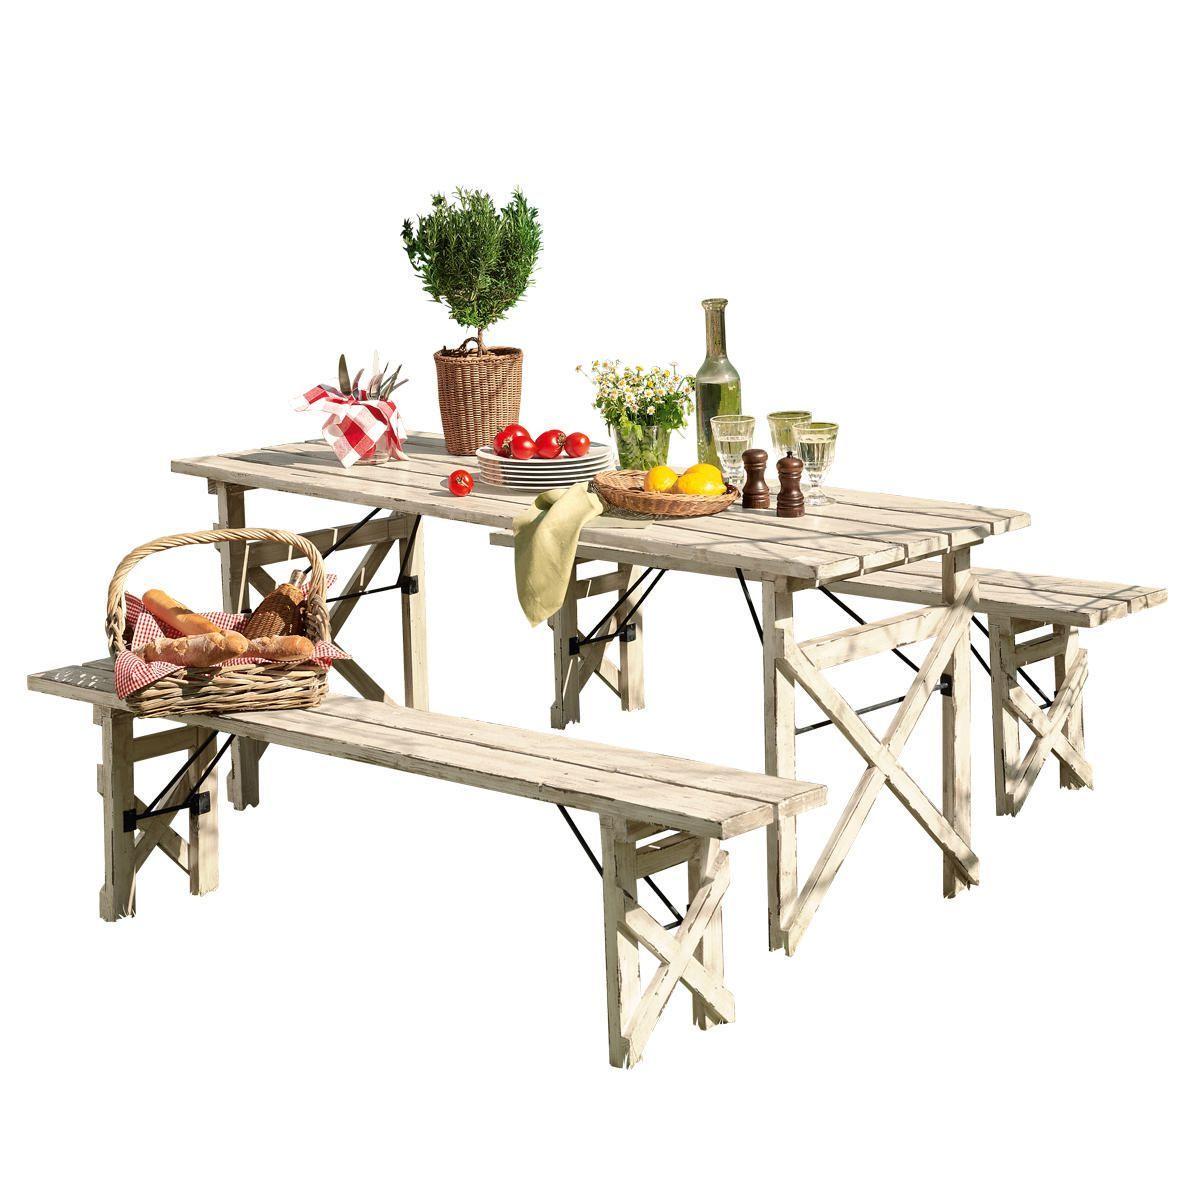 Gartenmobel tisch m bel und heimat design inspiration for Tisch design 24